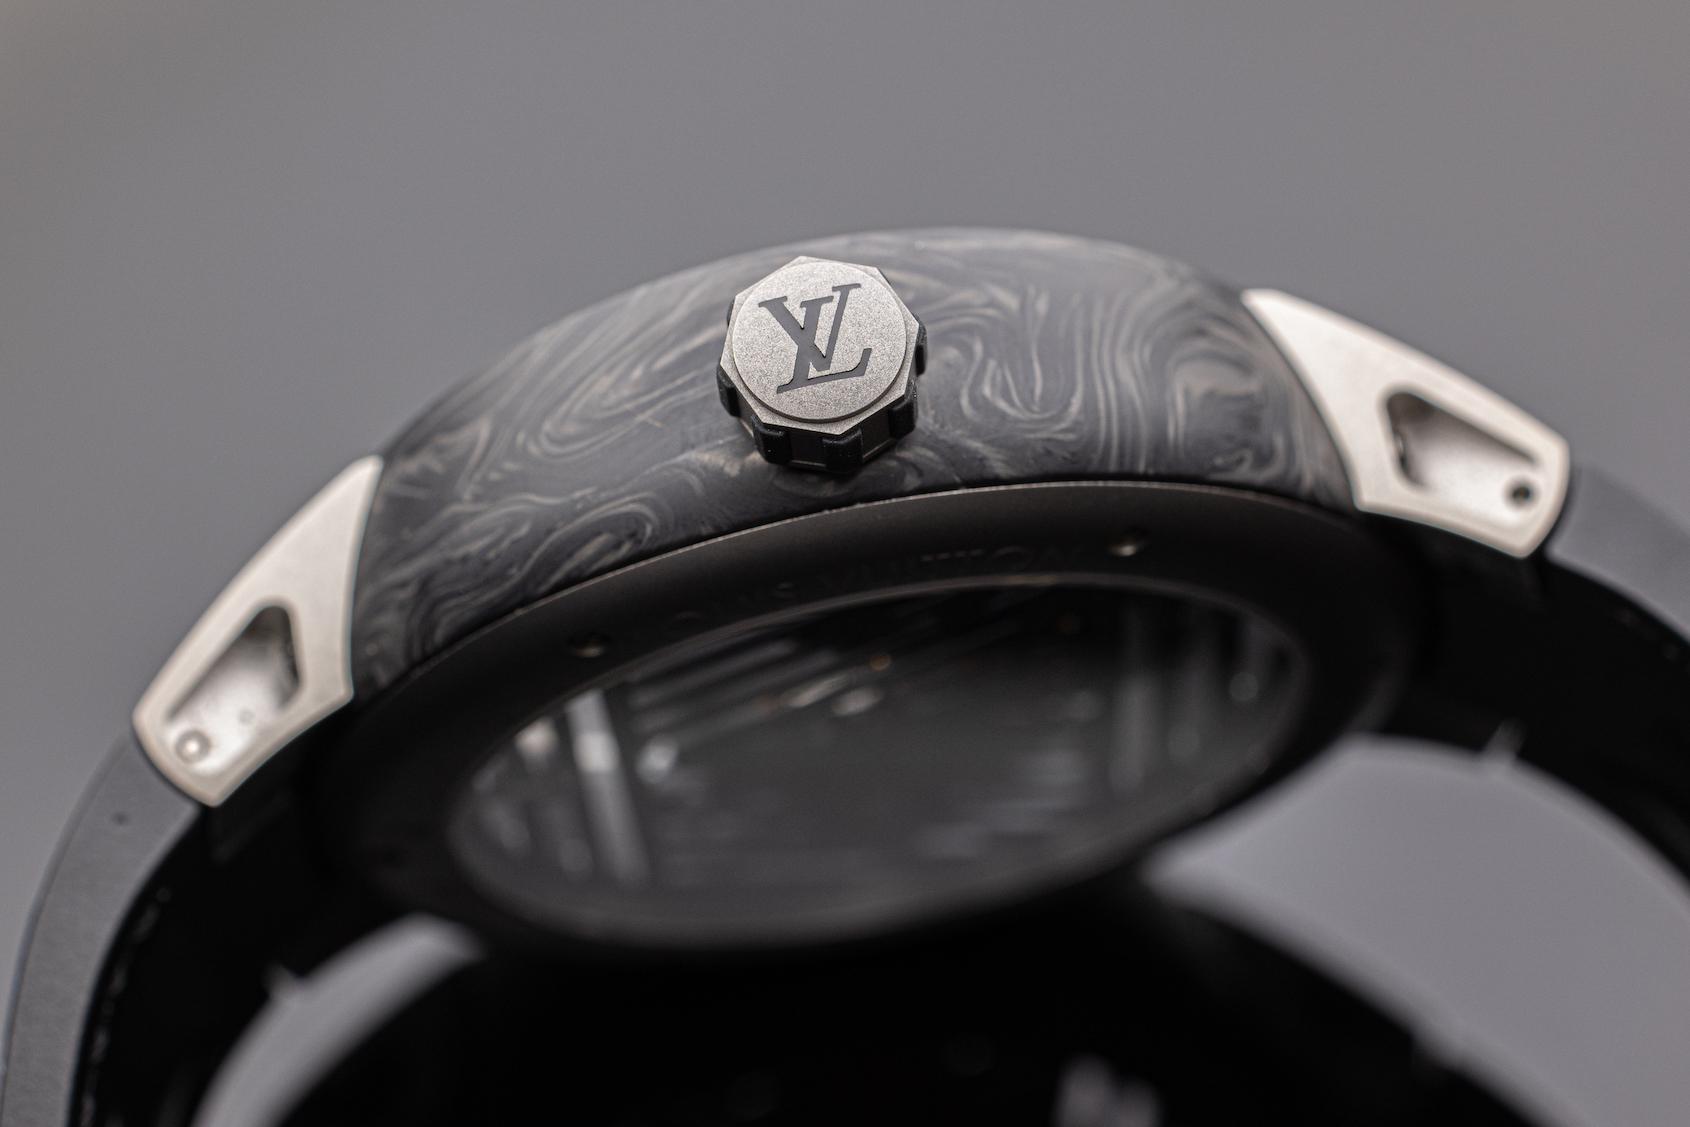 Louis Vuitton Tambour Curve Flying Tourbillon Poincon de Genève